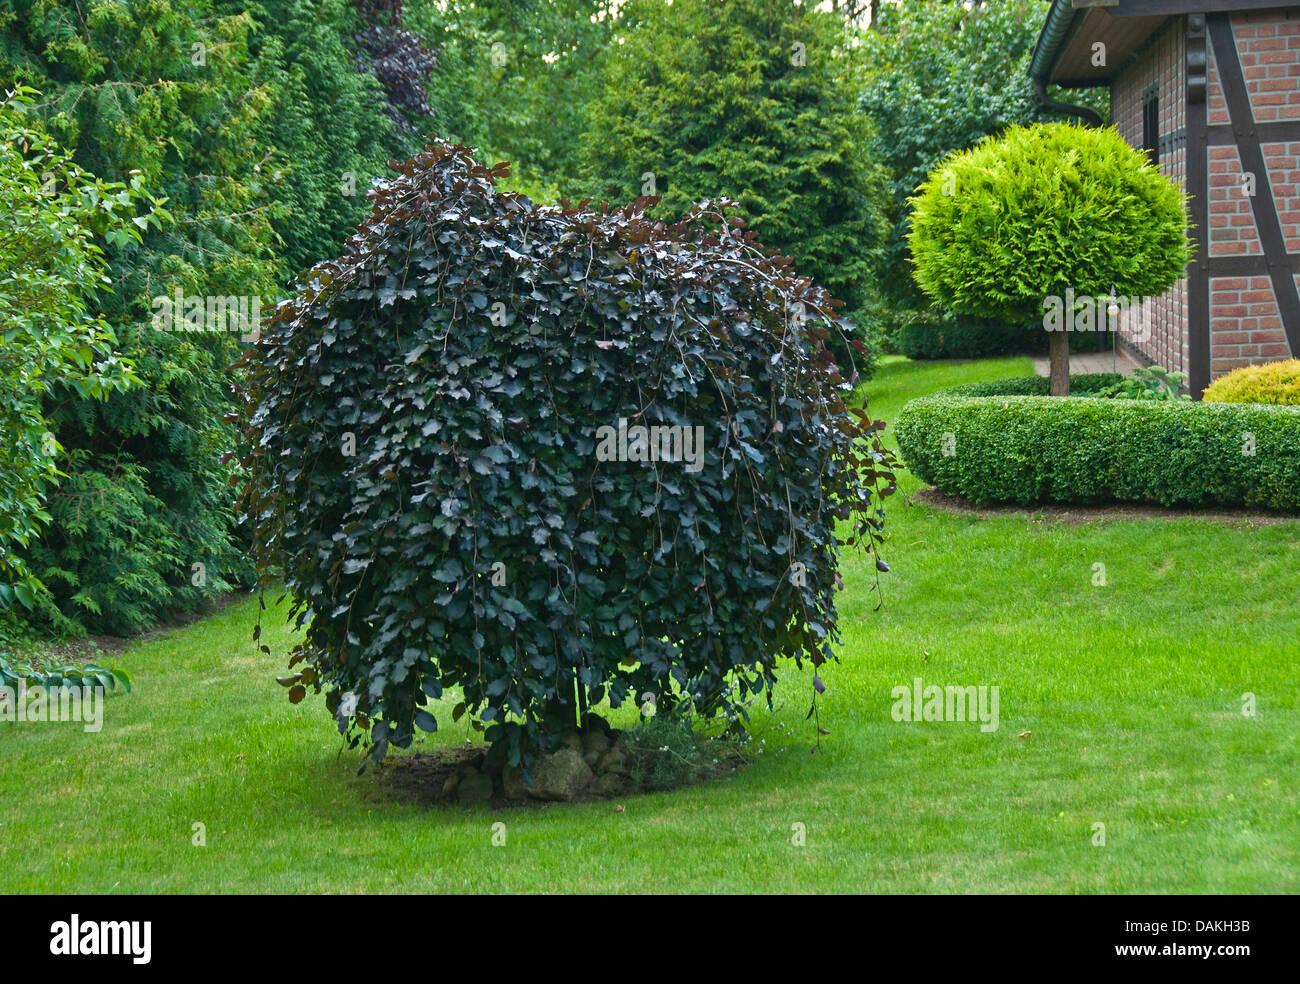 beech (Fagus sylvatica 'Purpurea Pendula', Fagus sylvatica Purpurea Pendula), cultivar Purpurea Pendula, - Stock Image